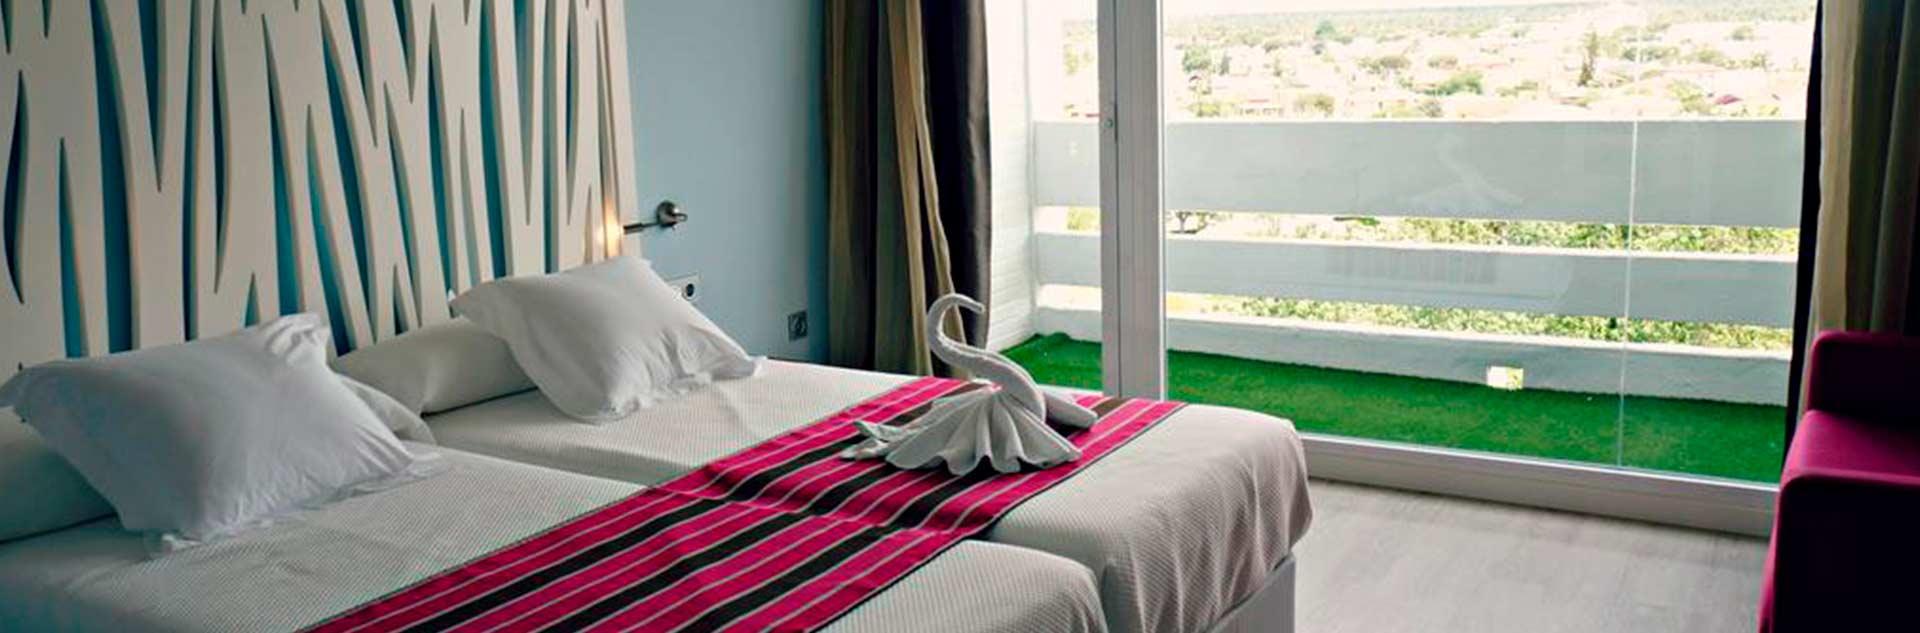 Habitación doble, dos camas del Hotel Flamero en Matalascañas